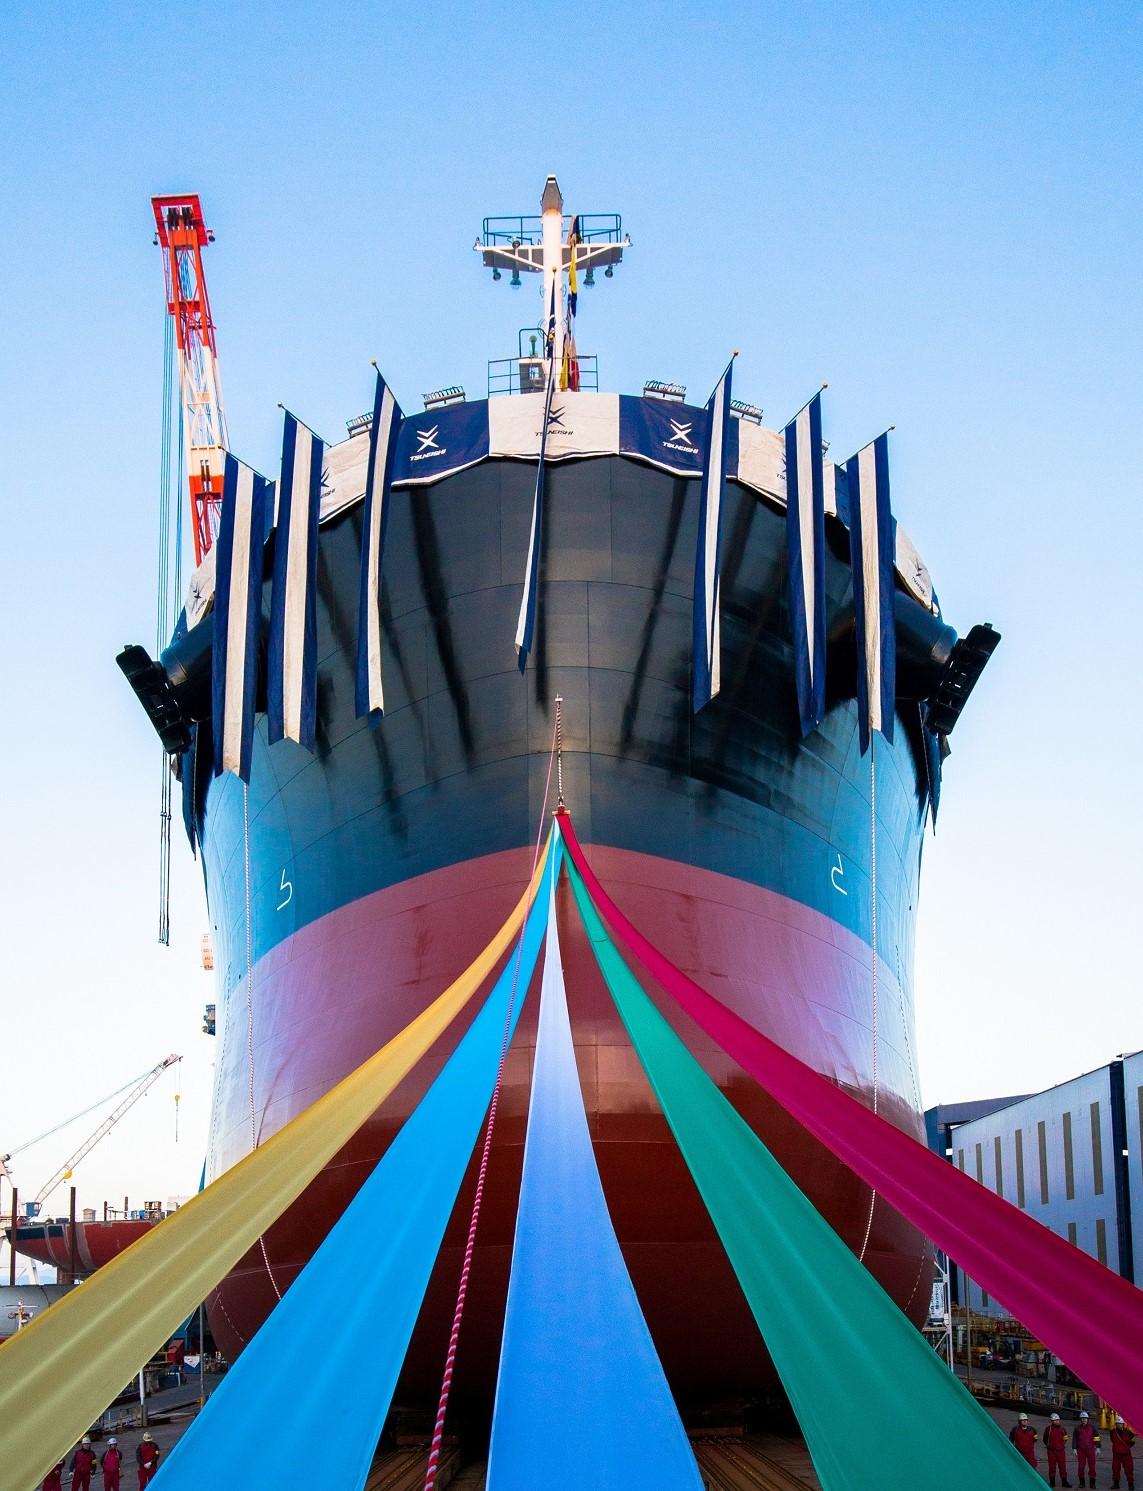 2018年7月6日,常石造船举行8万吨级散货船进水仪式并向公众开放